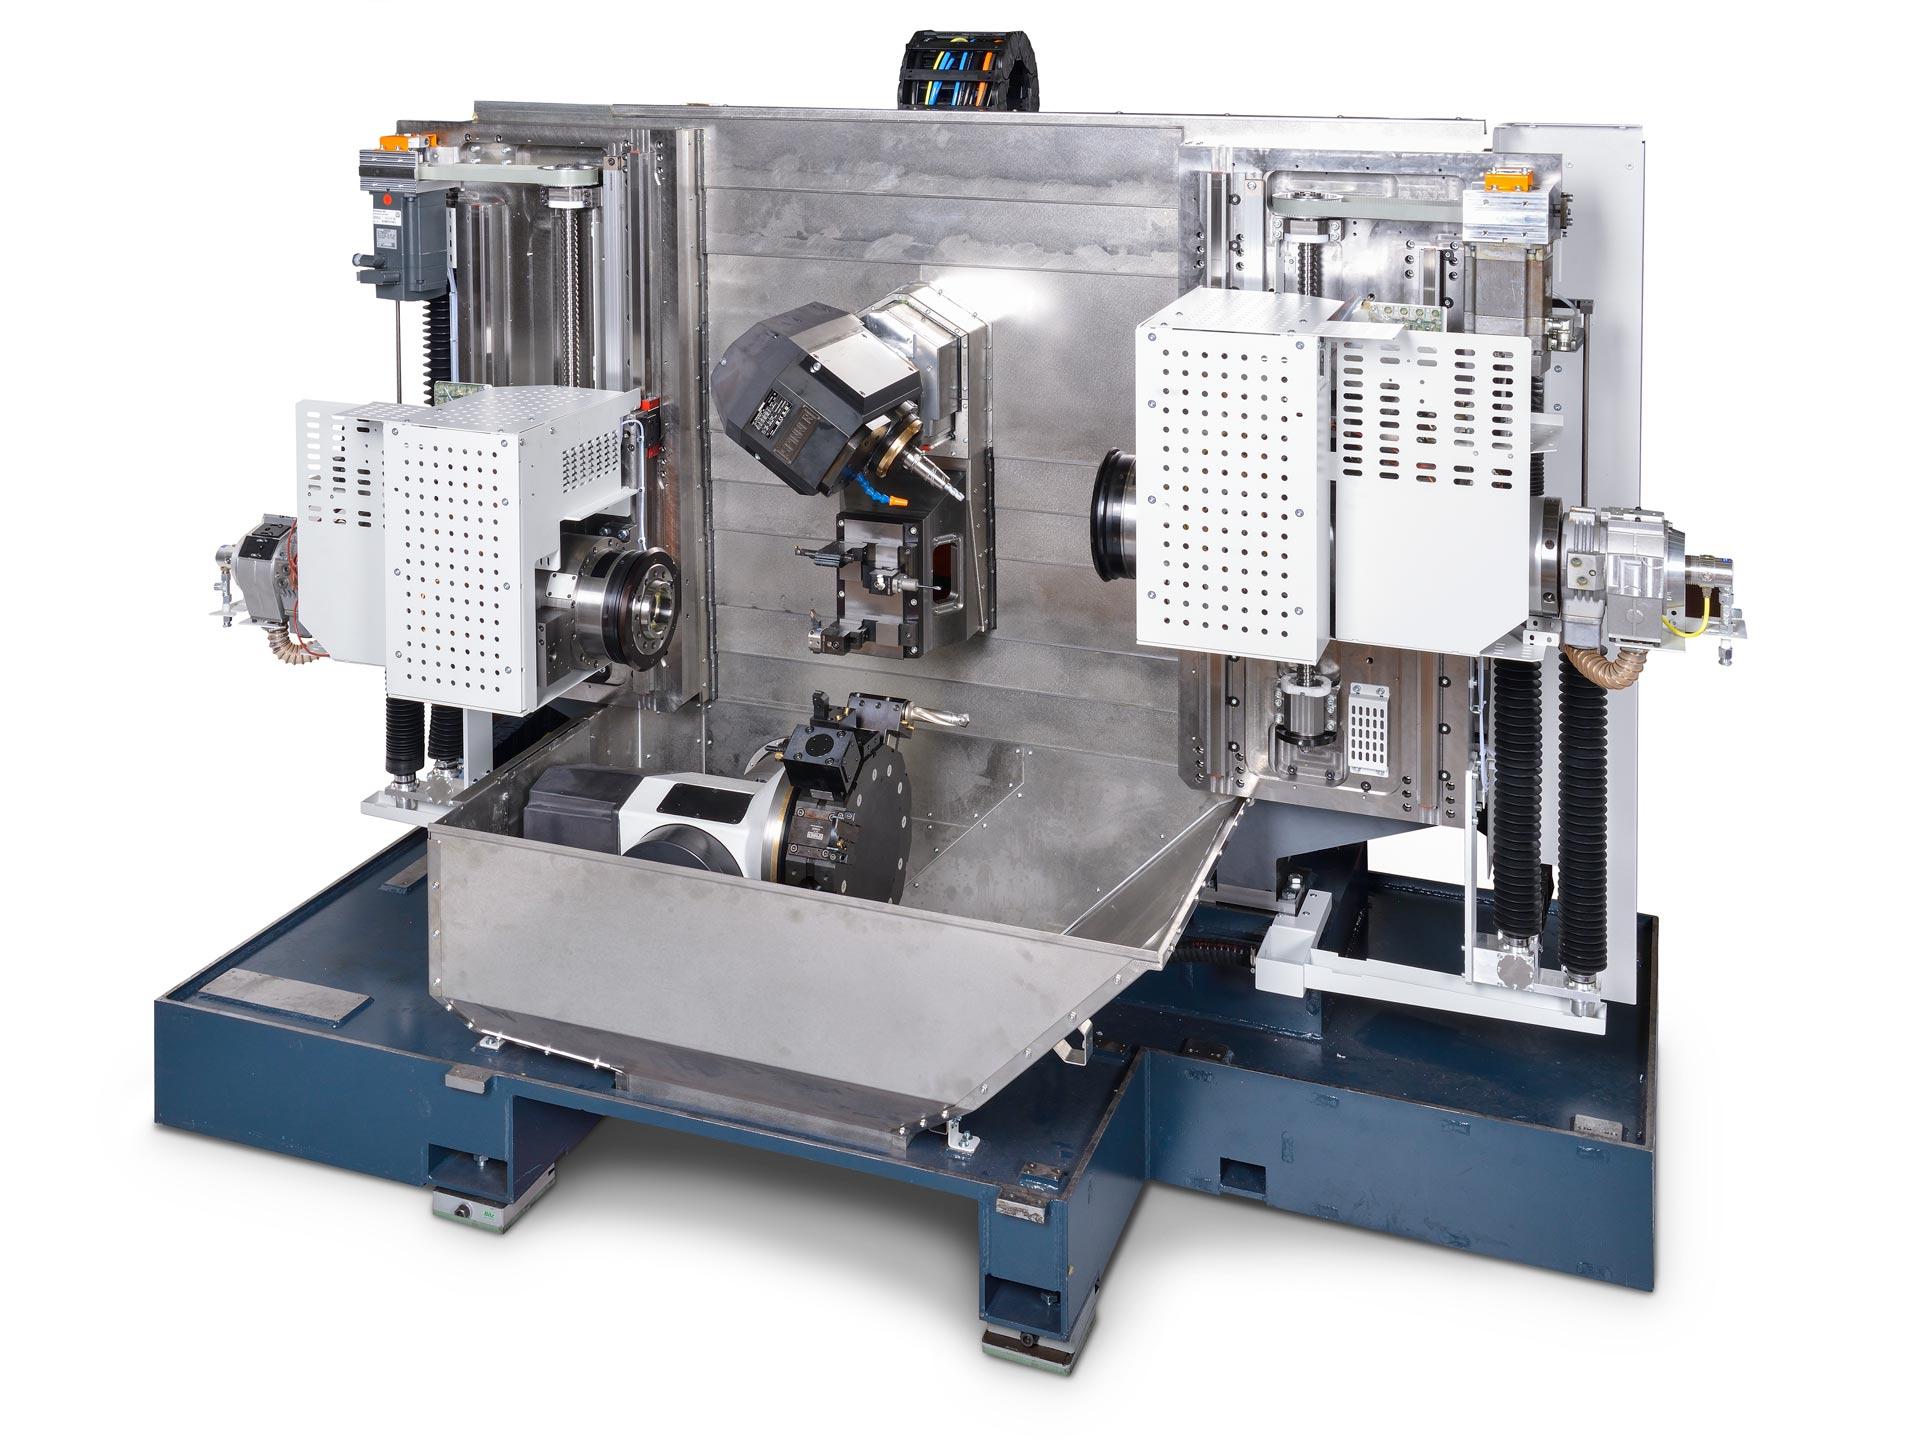 Spinner AG - Ultrapräzisionszentrum Microturn LTBS - Maschinenbett